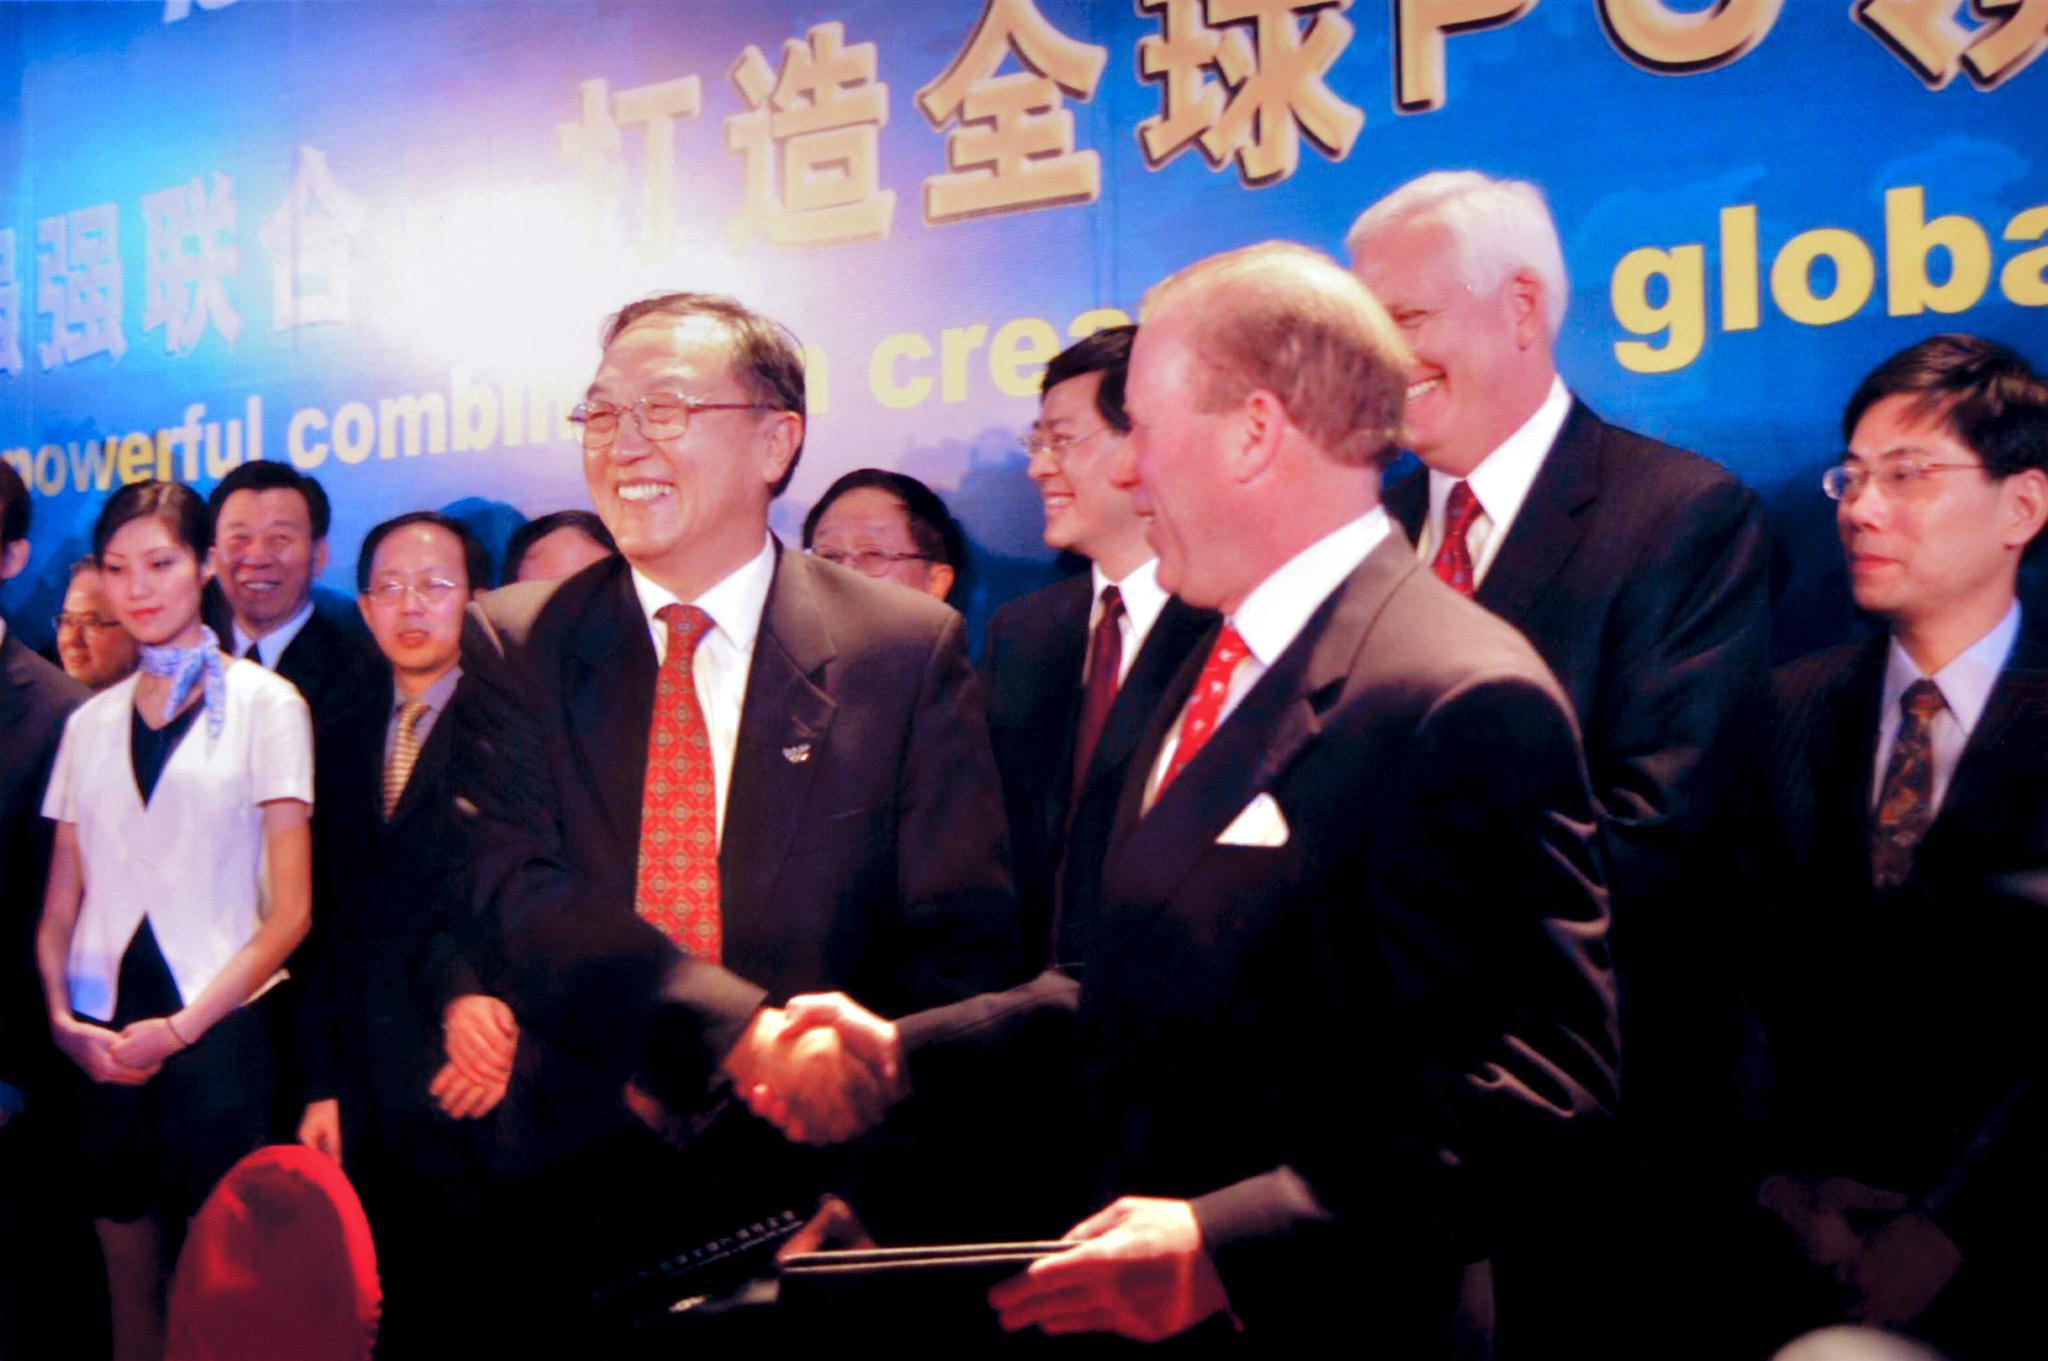 2004年12月8日,联想集团宣布收购IBM全球PC业务